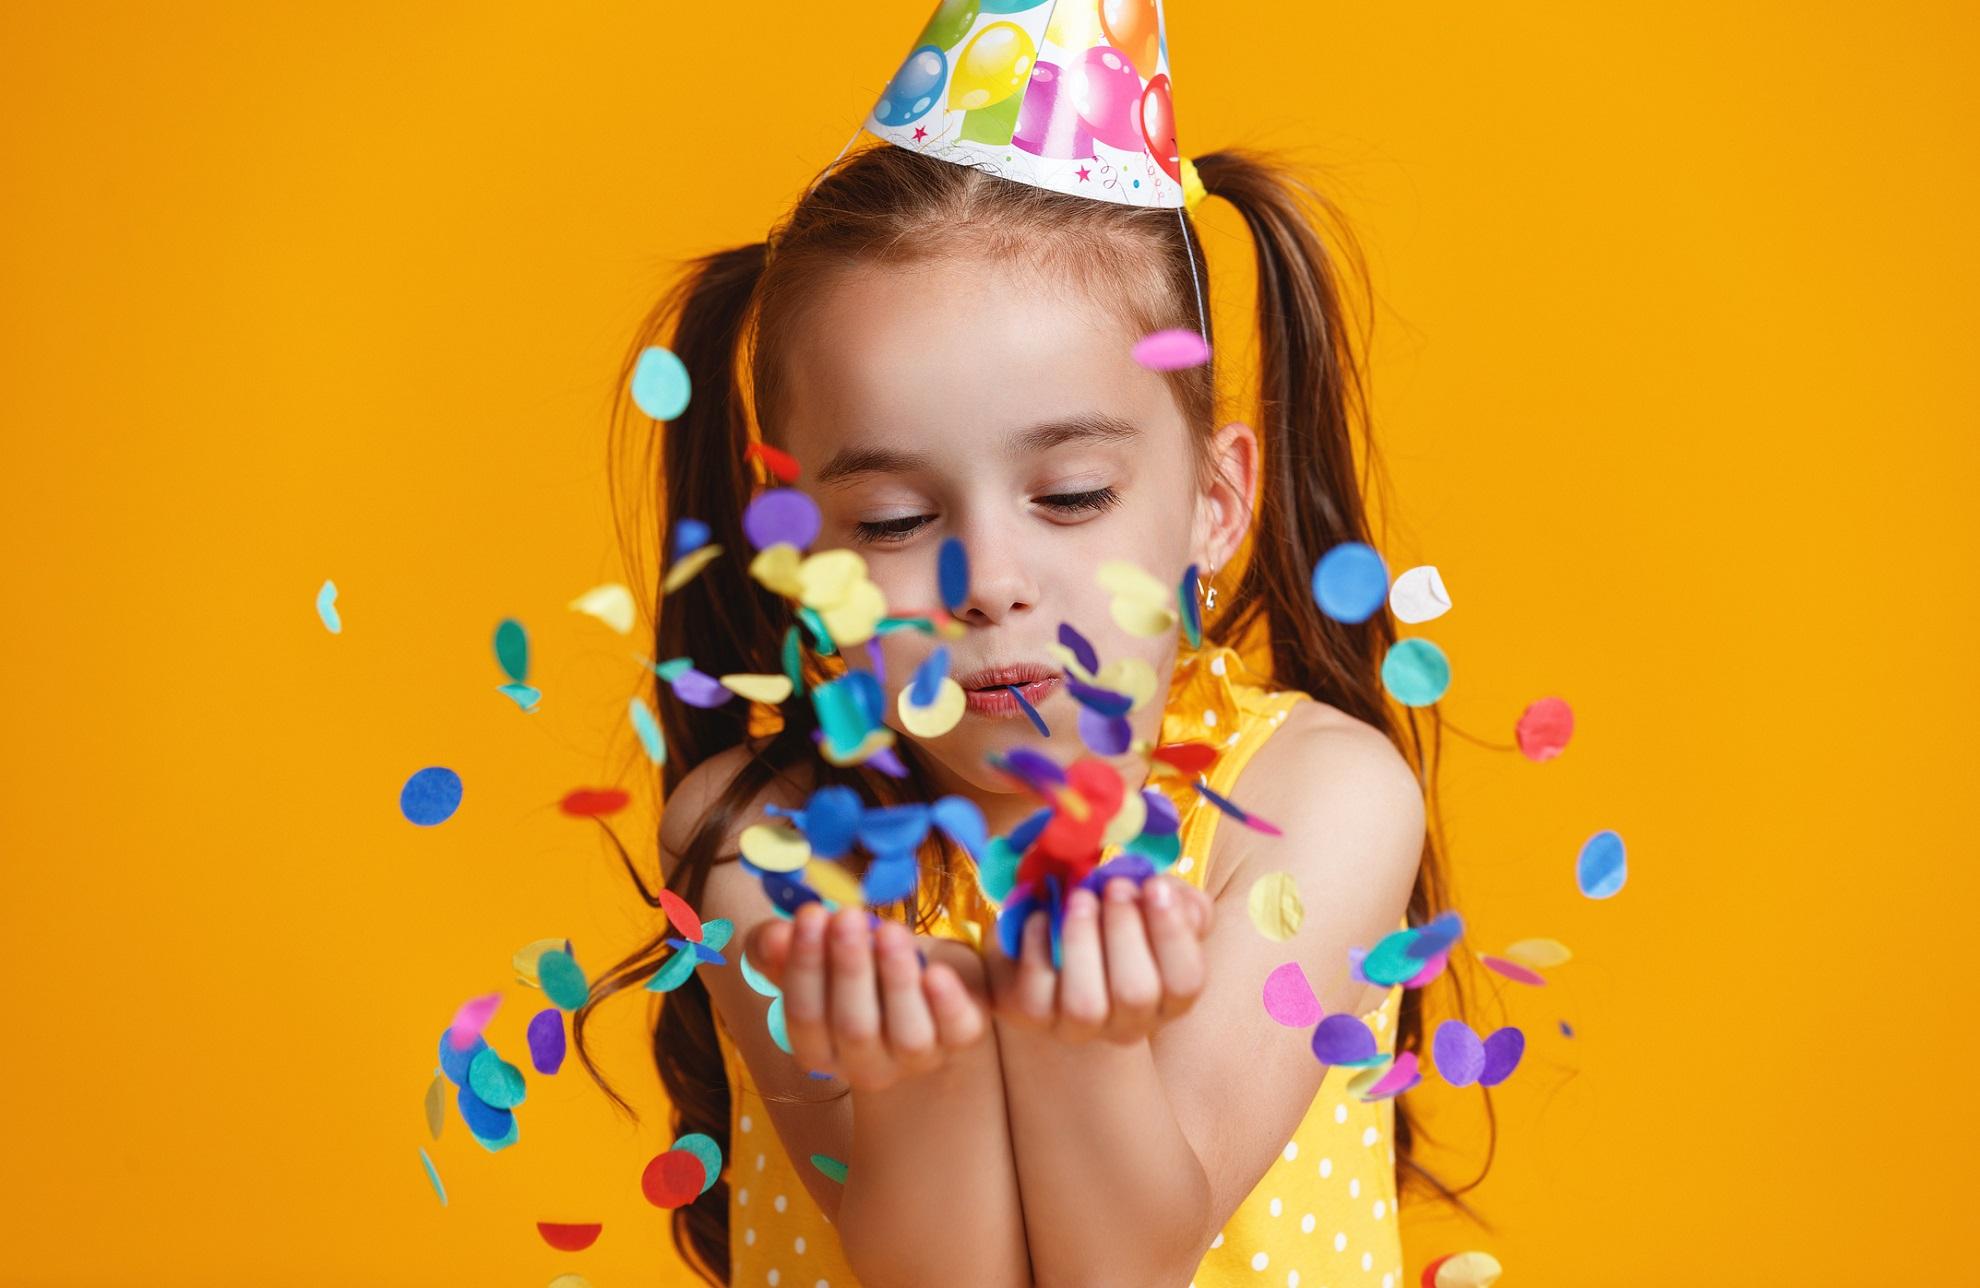 Kindergeburtstag: Die 11 Besten Spiele Für Drinnen & Draußen bestimmt für Lustige Spiele Für Kindergeburtstag